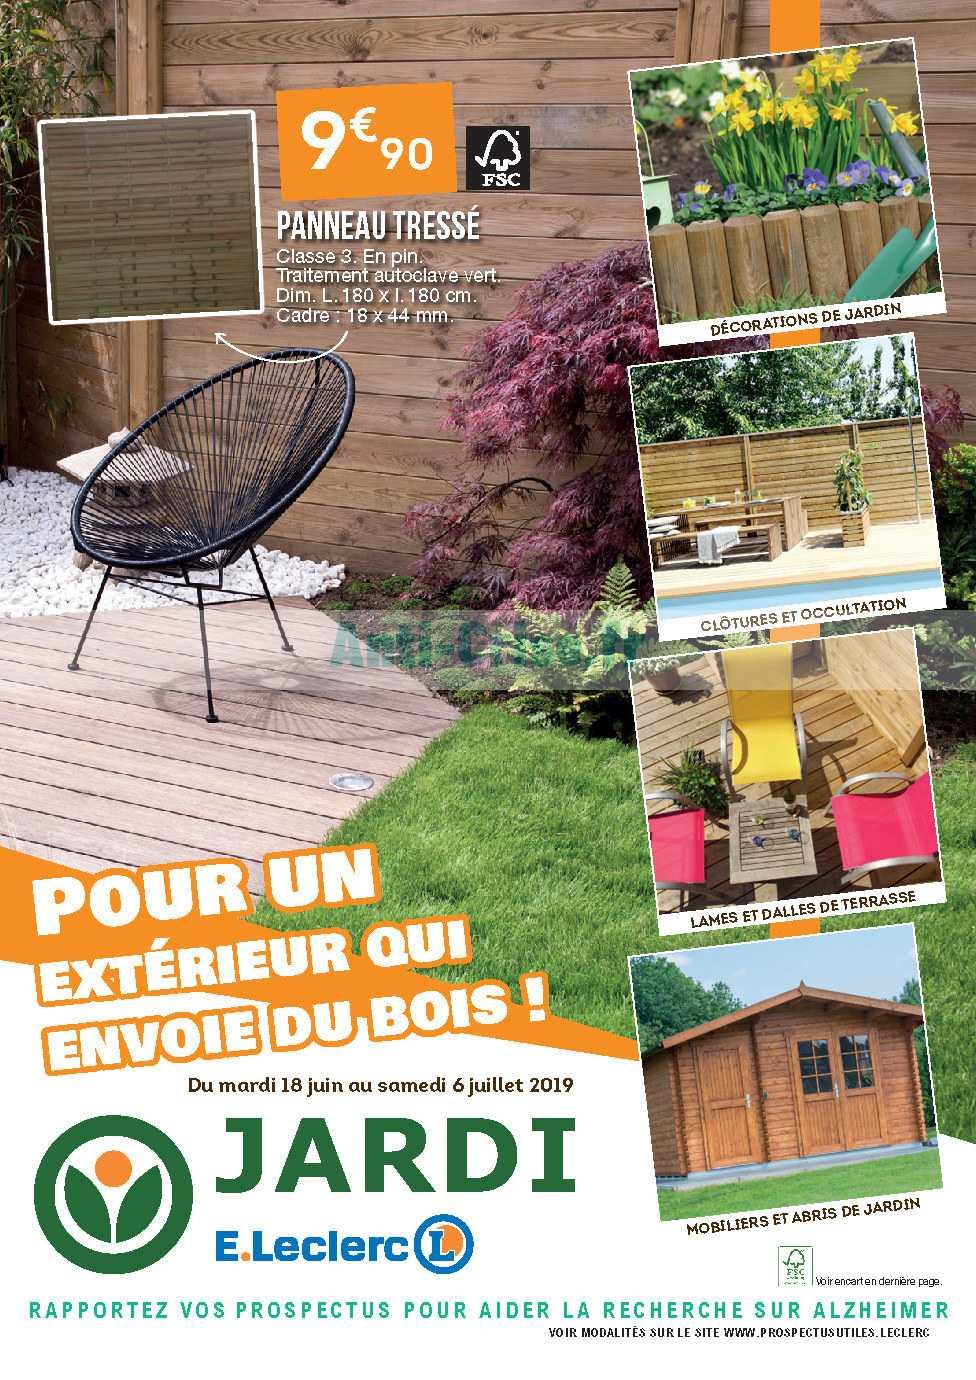 Catalogue Leclerc Du 18 Juin Au 06 Juillet 2019 (Jardi ... tout Abris Jardin Leclerc